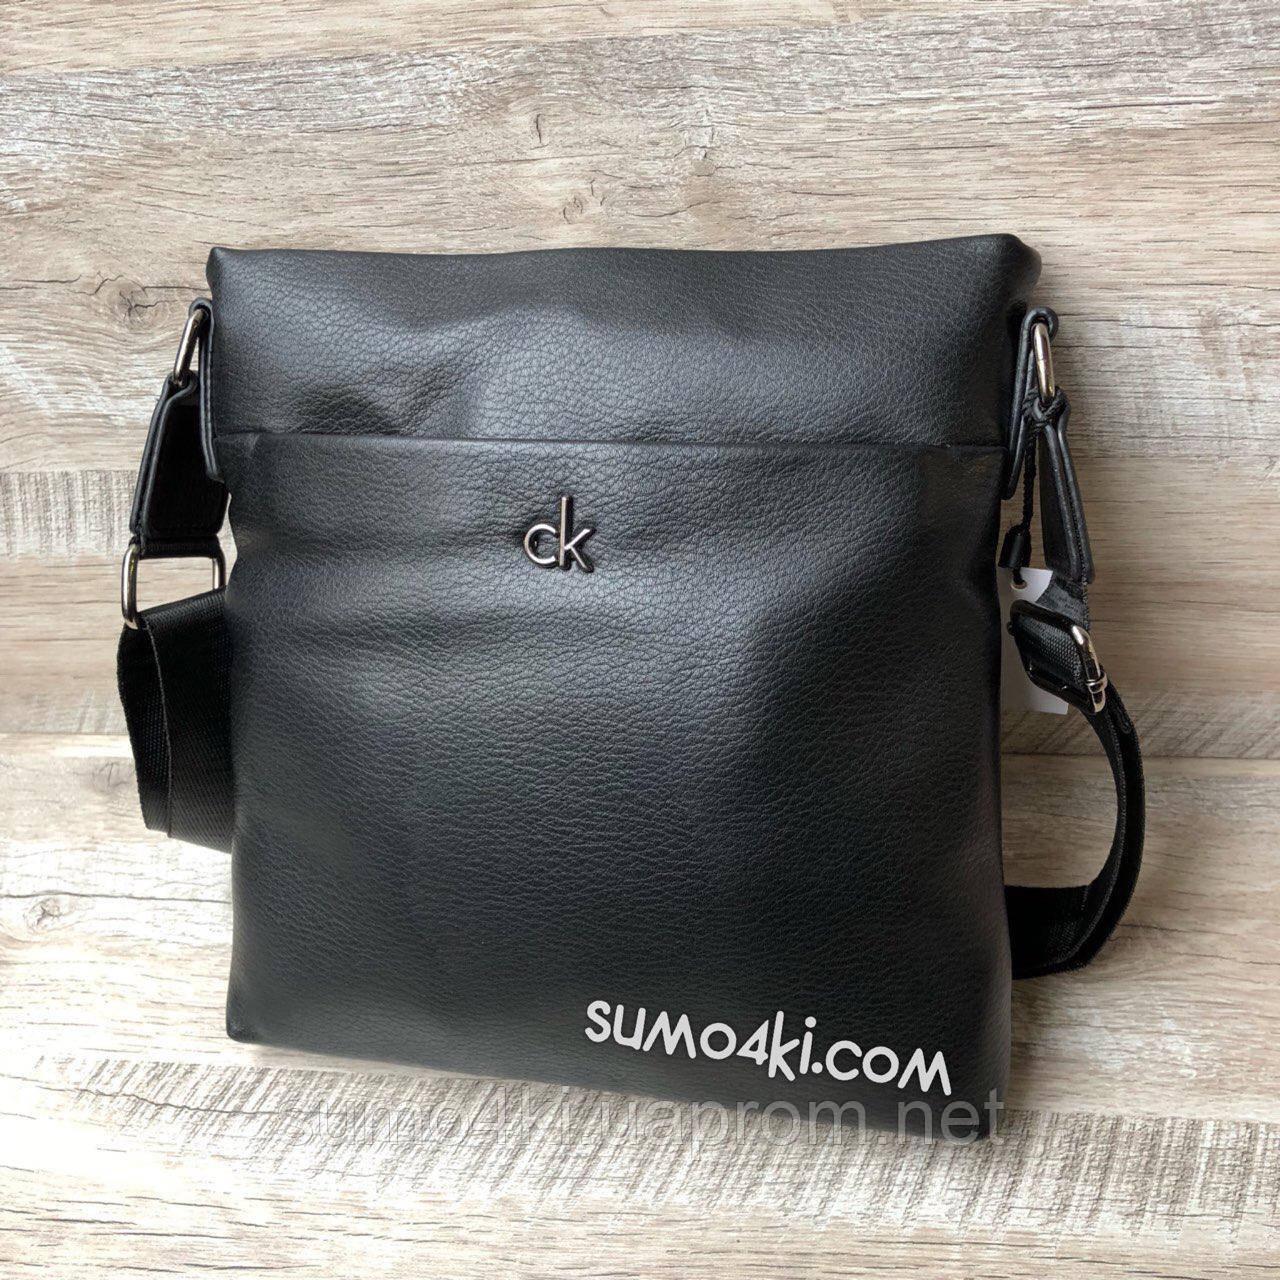 6802bf172cec Купить Стильную мужскую сумку Calvin Klein оптом и в розницу в ...